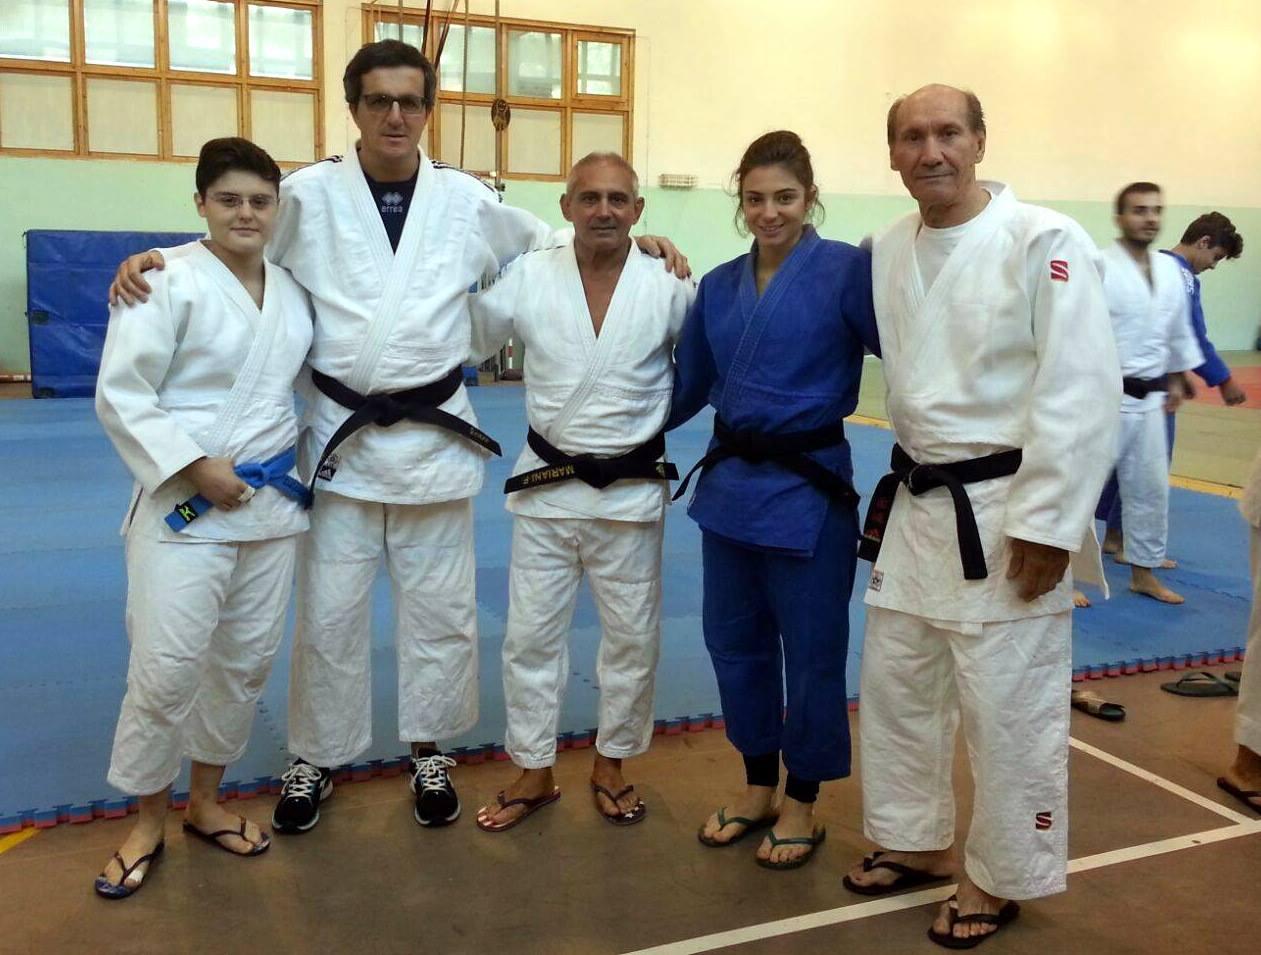 Stage di Judo agonistico con il Docente Federale M° Felice Mariani - 24 25.10.2015 - Borgo Valsugana